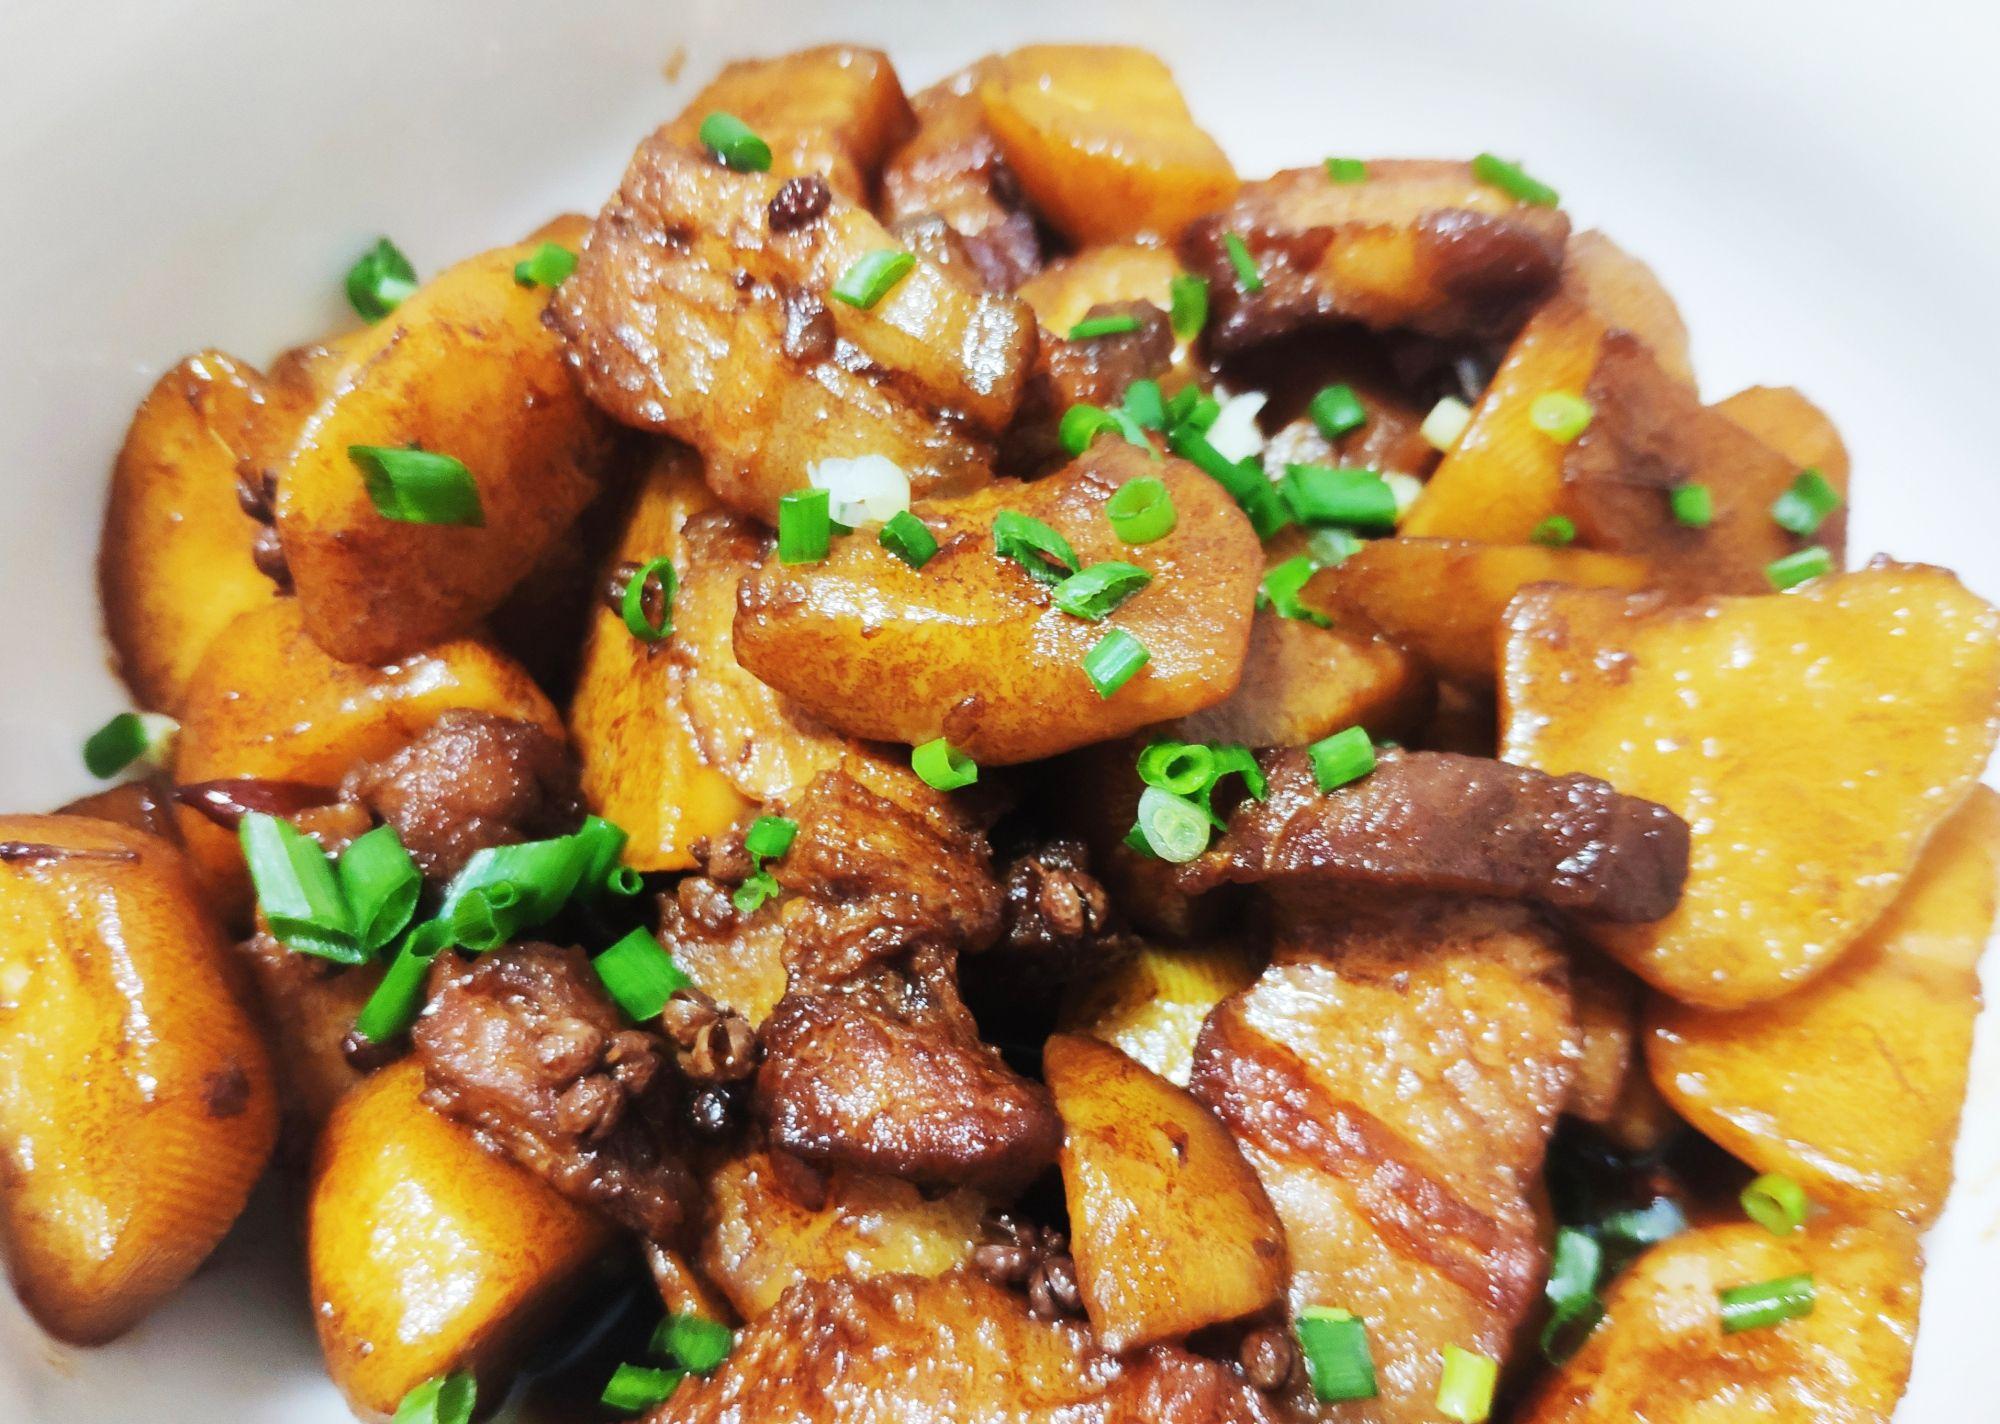 恩施小土豆烧五花肉,先生吃独食,一个人吃了一碗!